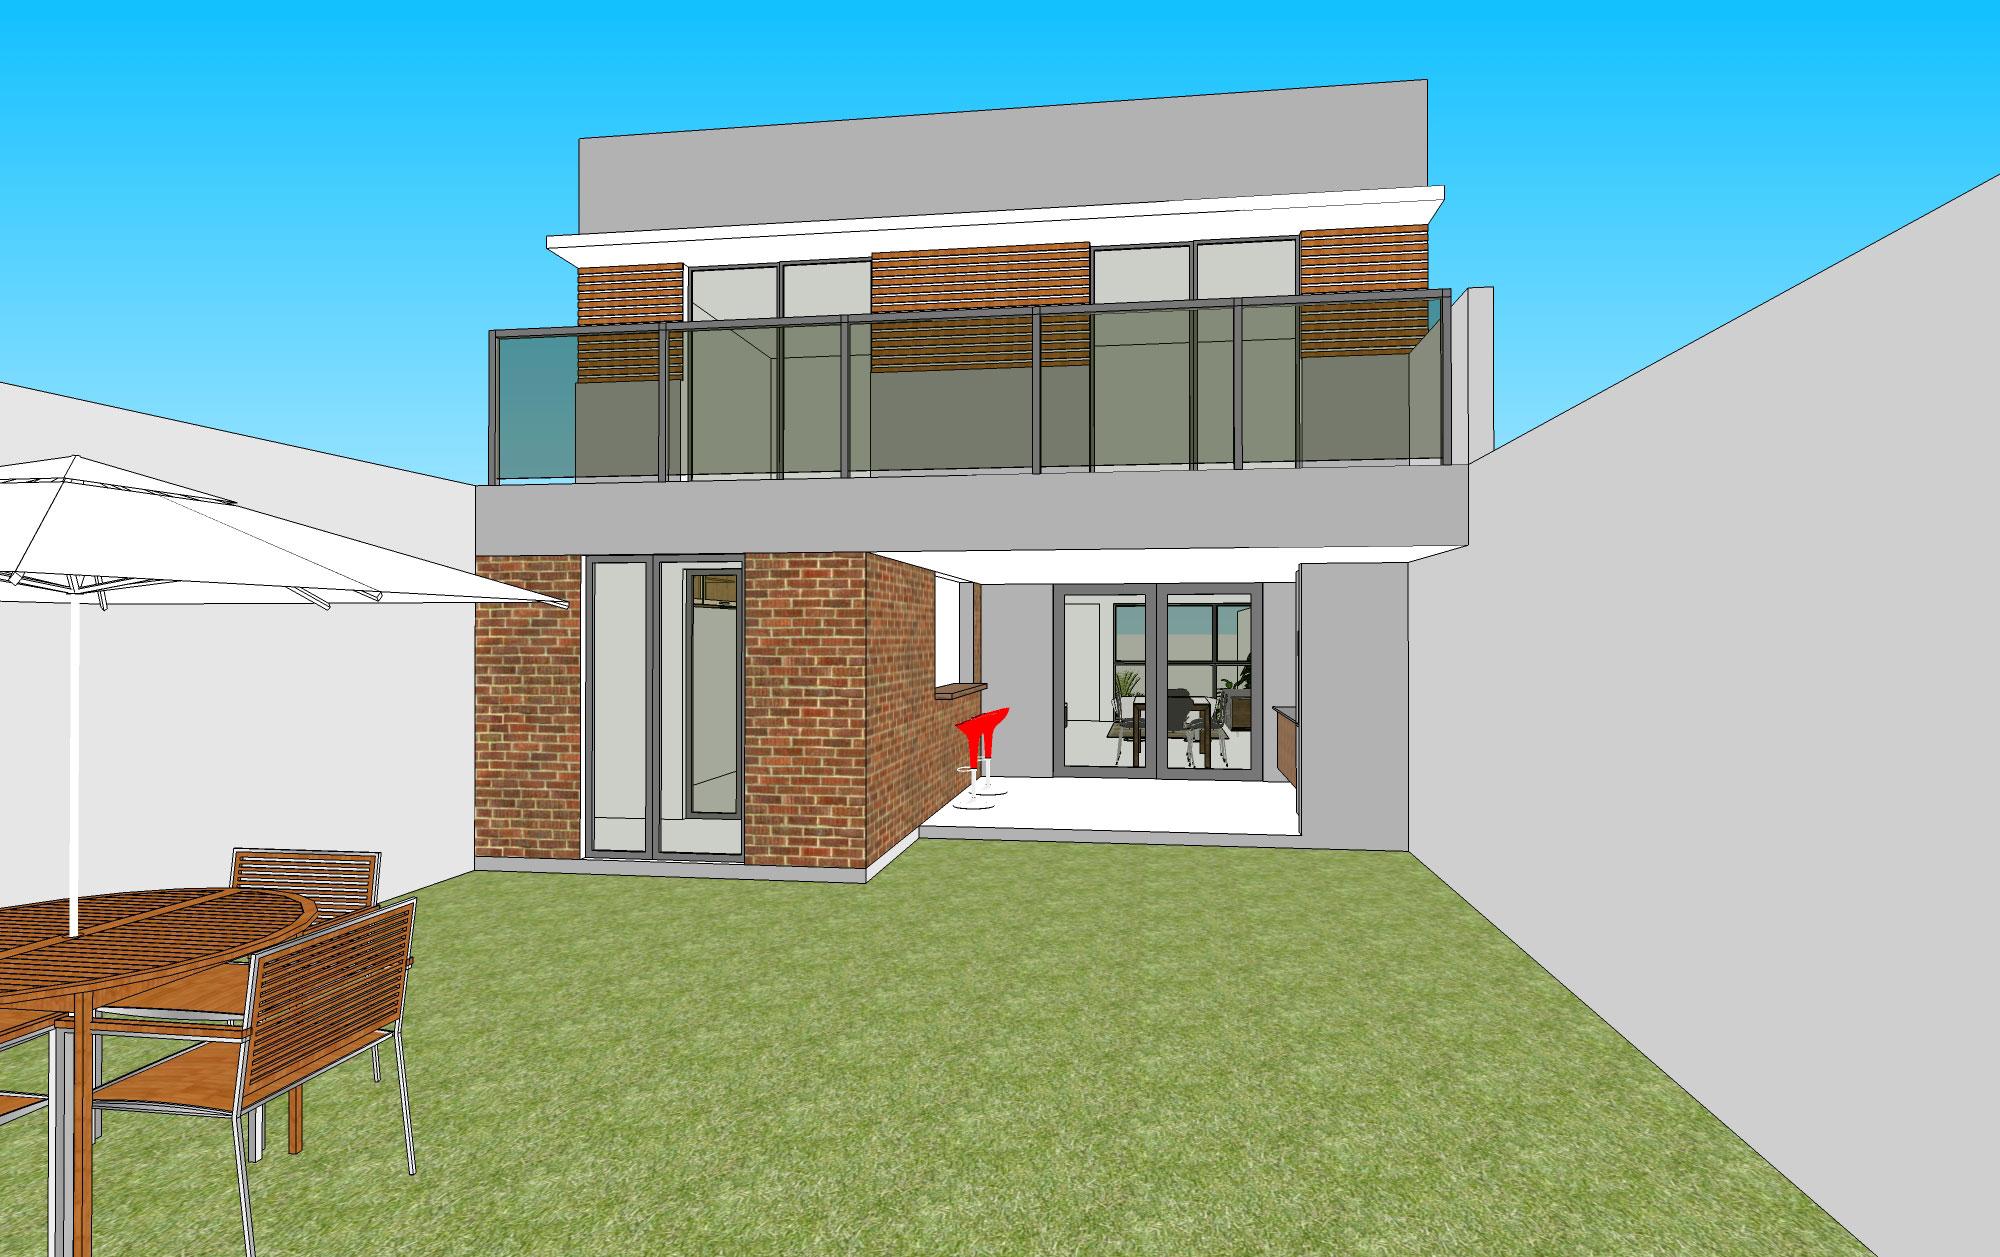 Casa em Lote Estreito casaeprojeto #0096CB 2000 1257